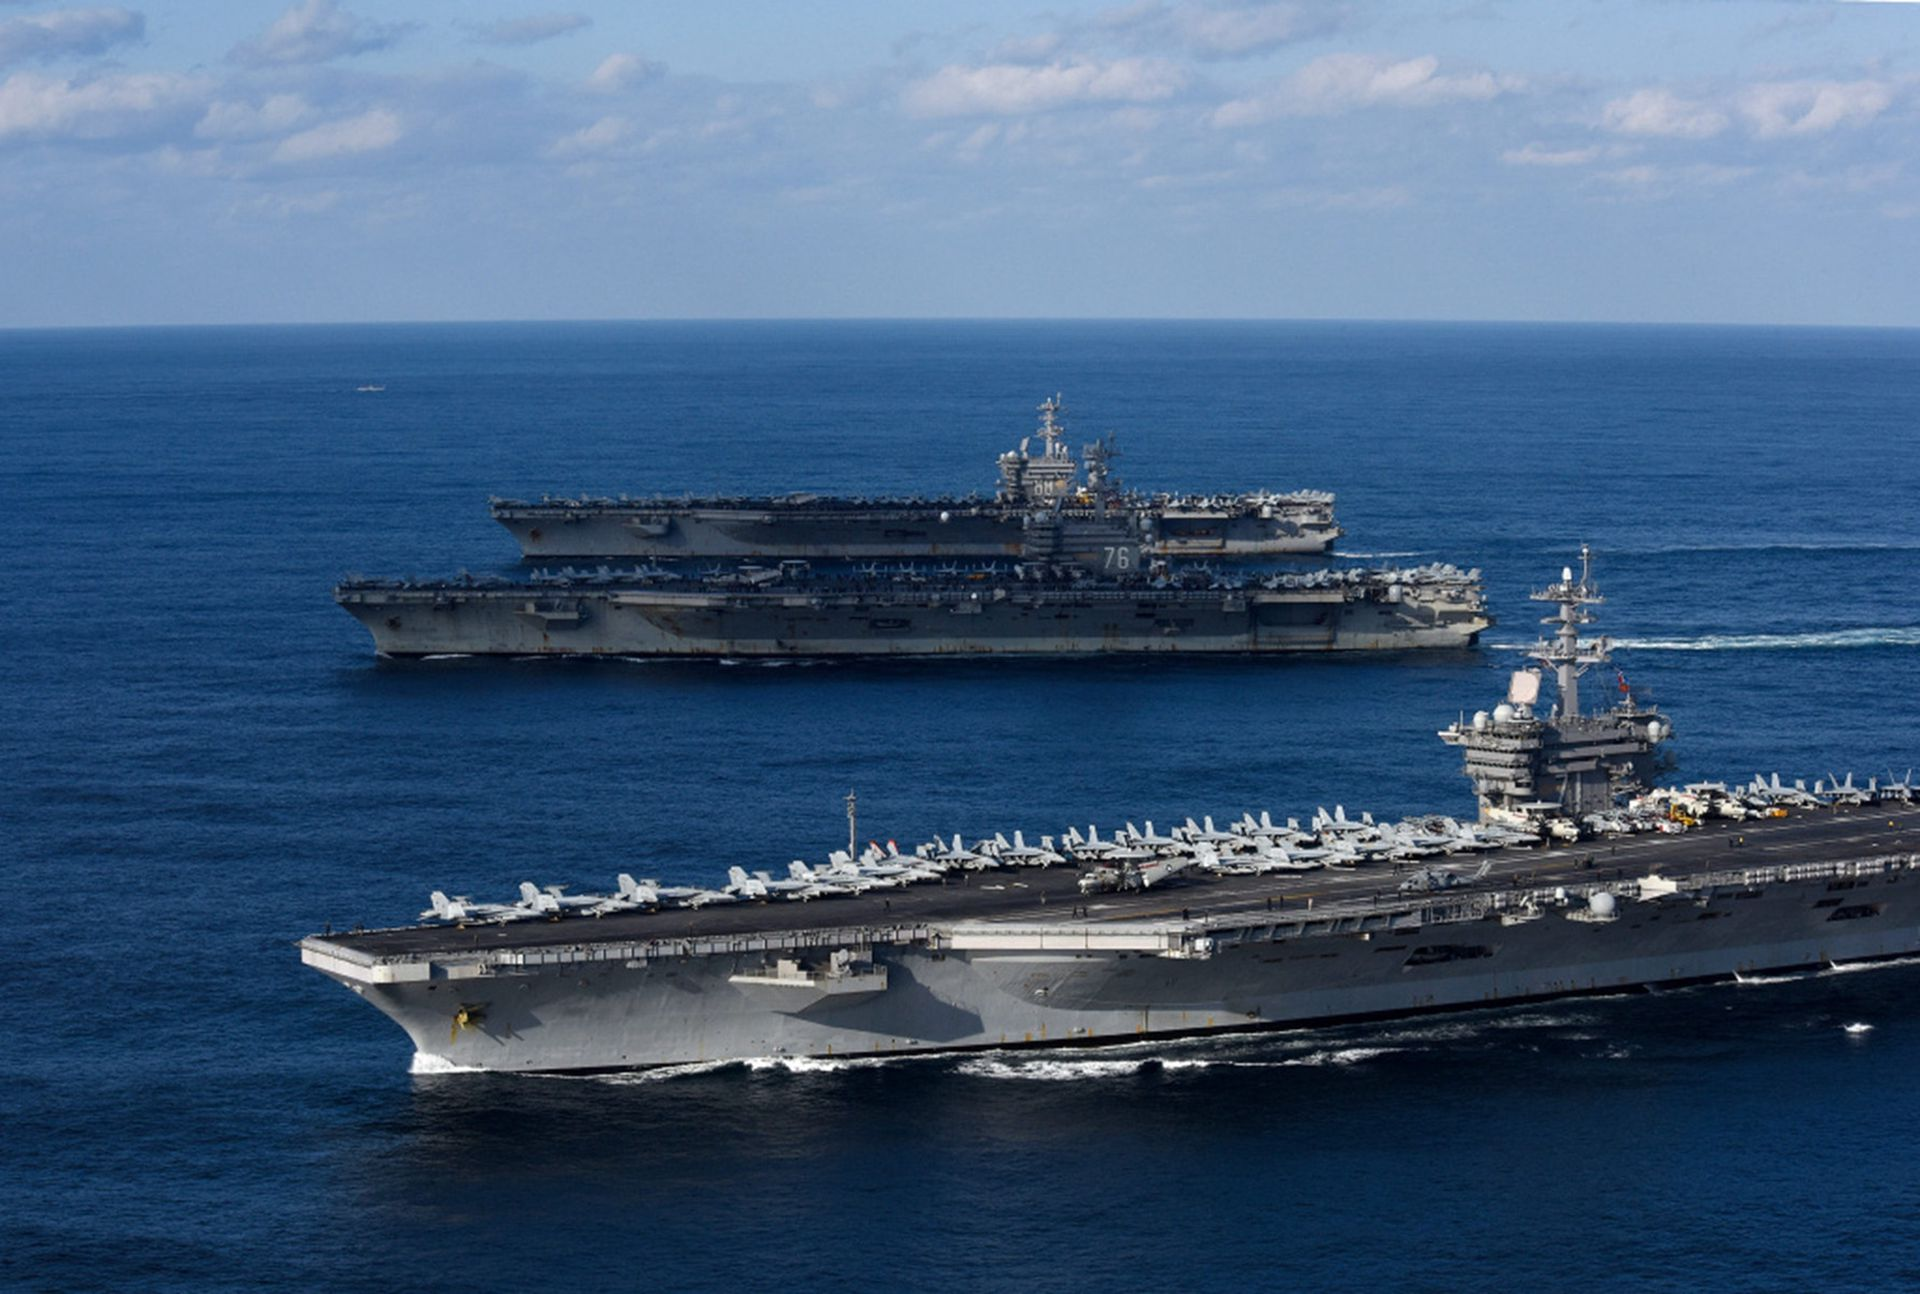 五艘航母拥挤西太平洋 中美军事博弈骤然加剧